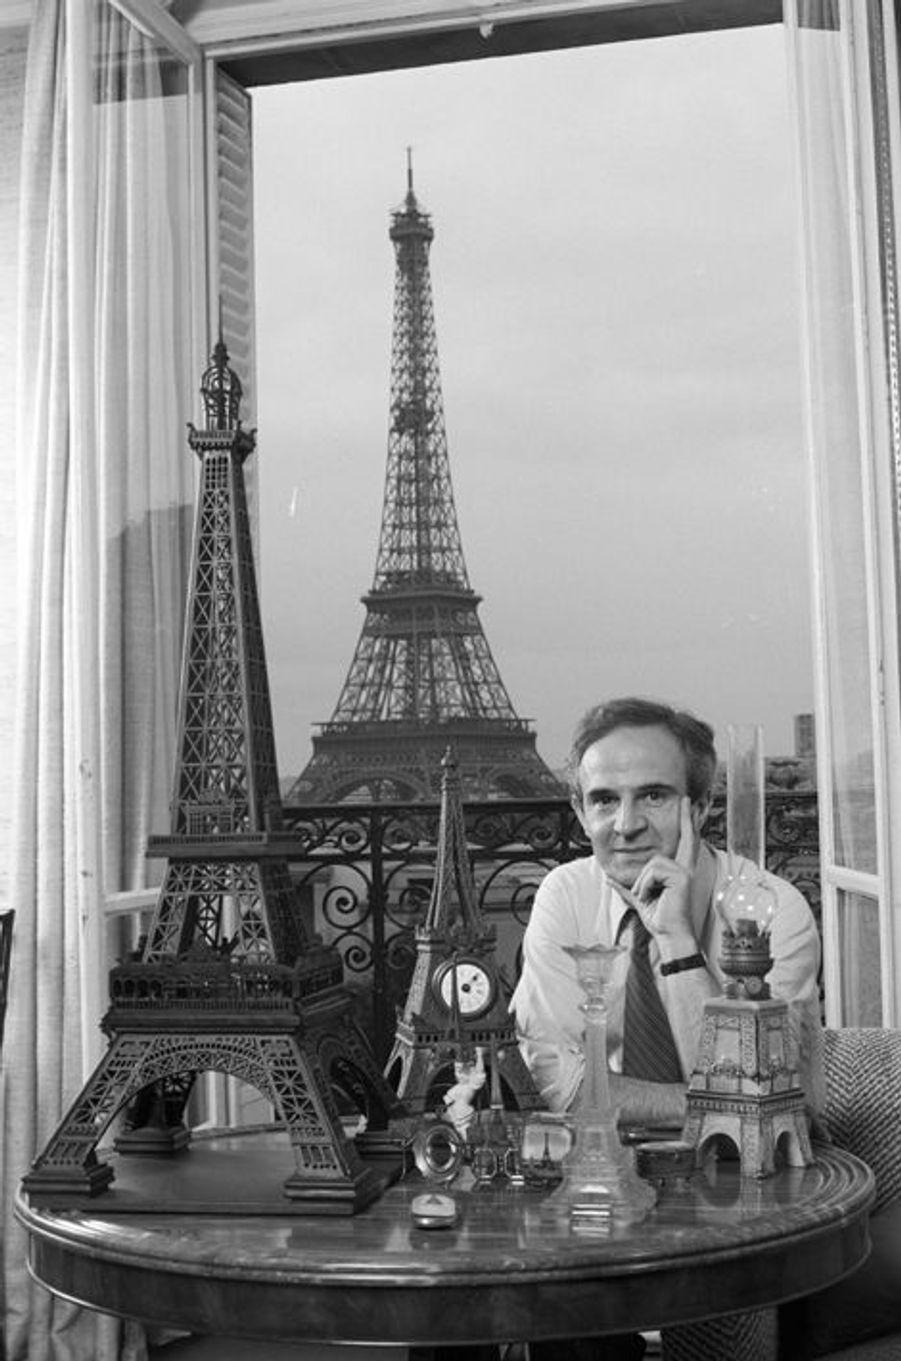 Paris, 12 septembre 1980, dans son appartement avec vue sur la Tour Eiffel, le réalisateur François TRUFFAUT pose avec sa collection d'objets à l'effigie du monument.